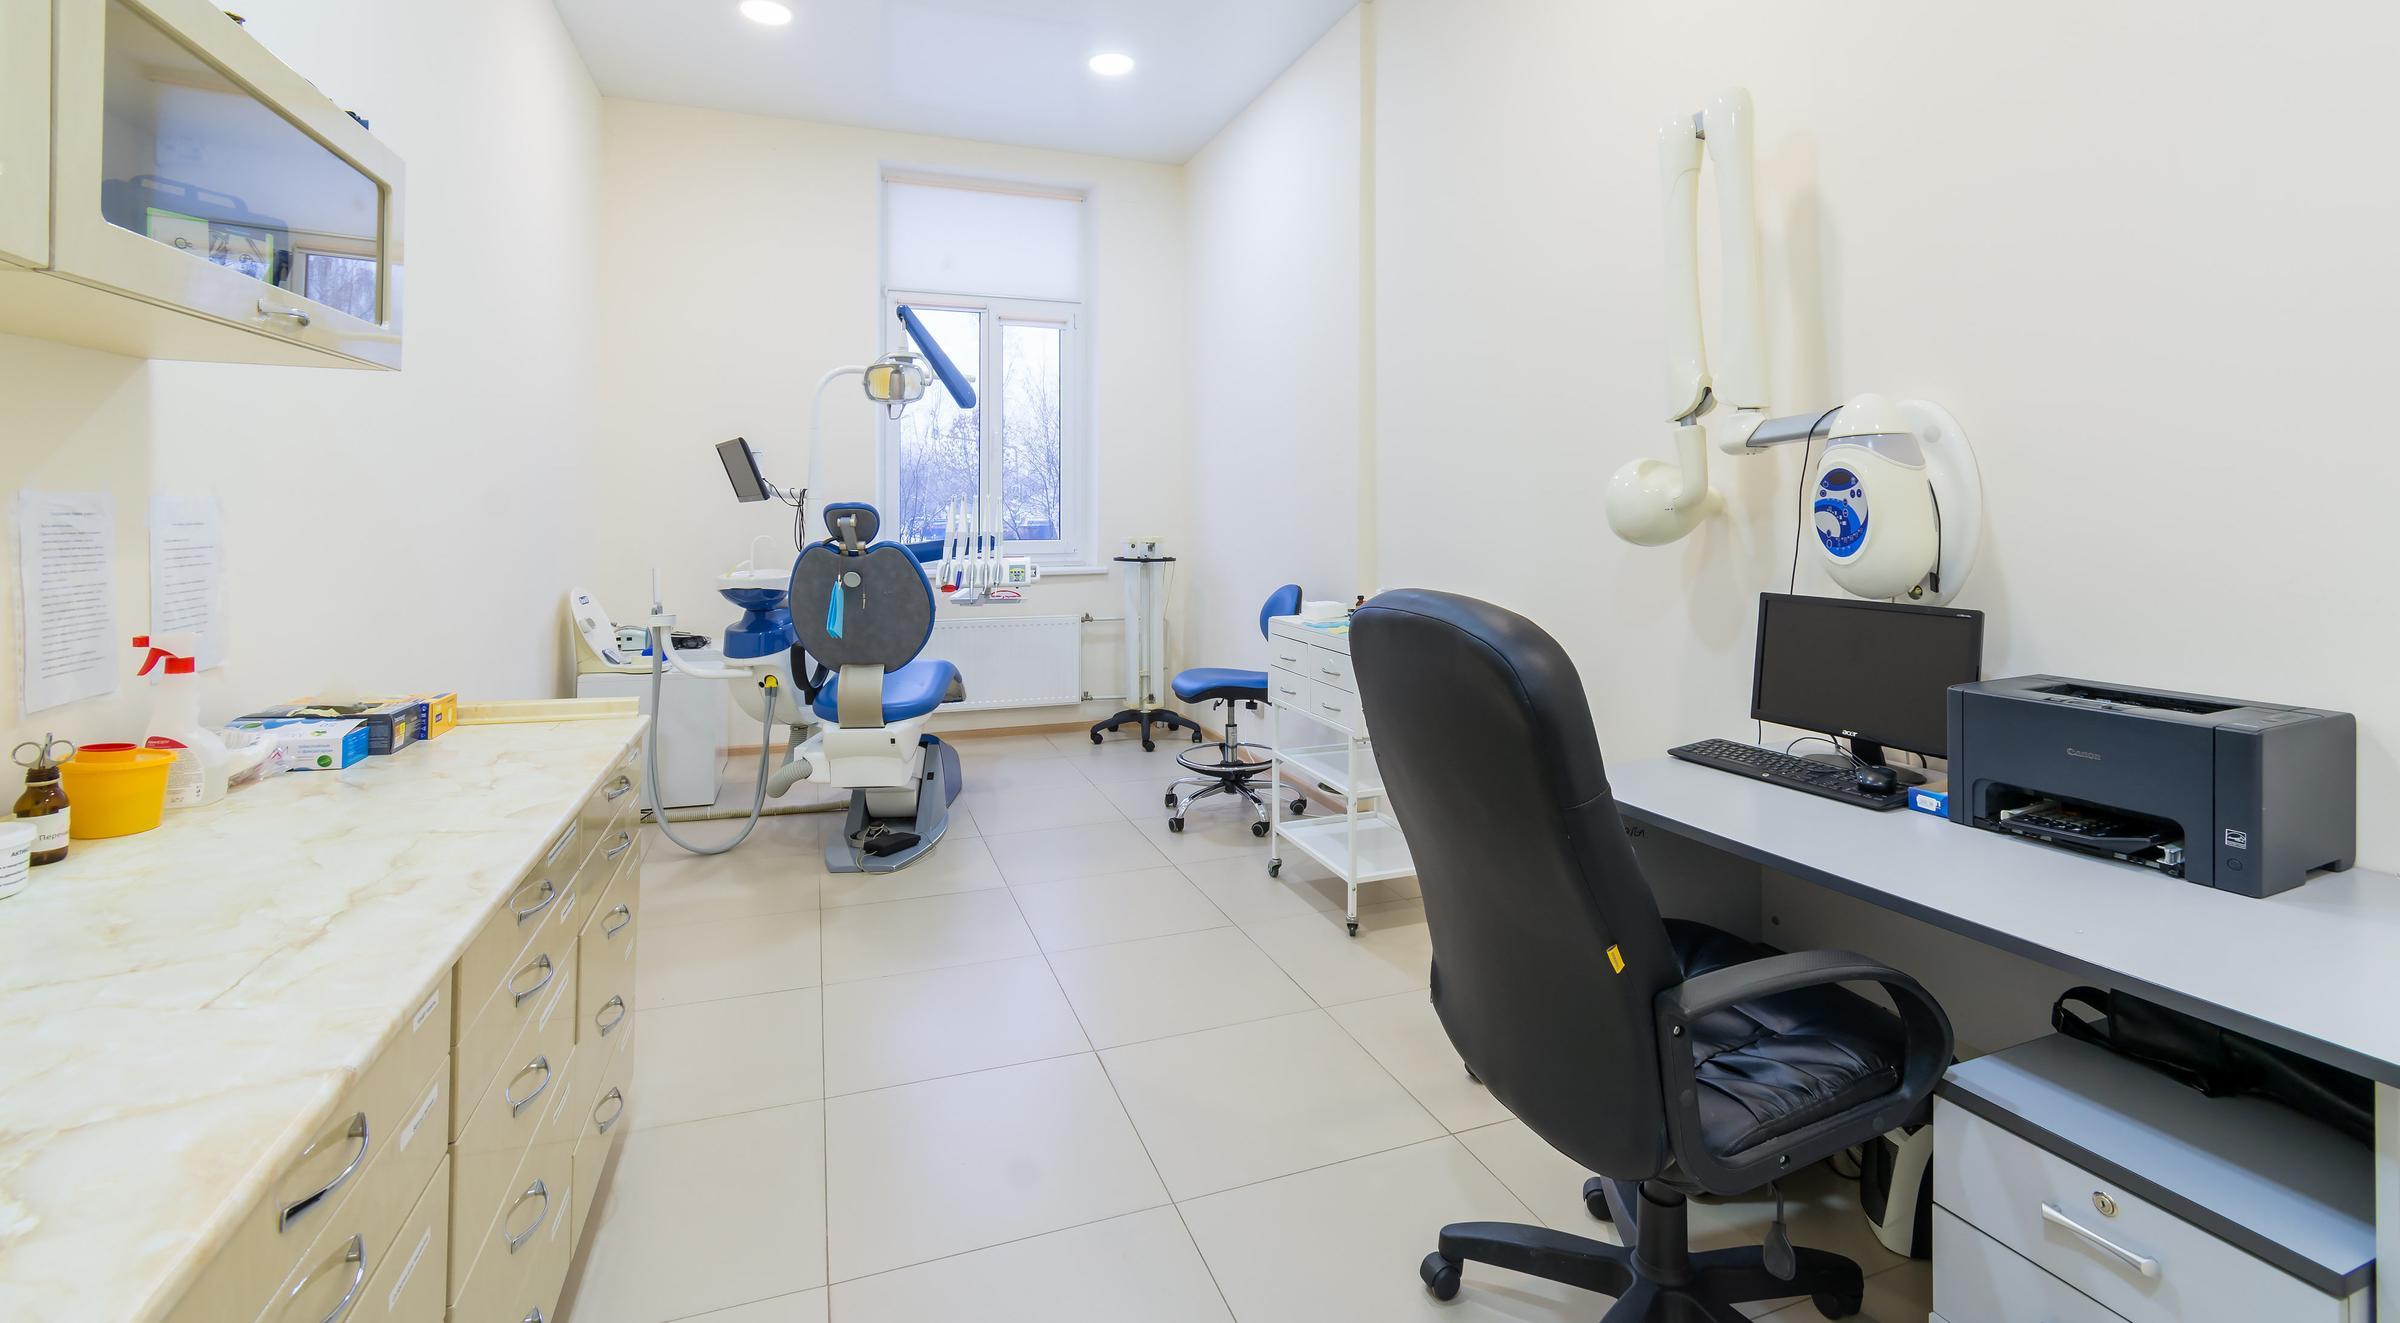 фотография Многопрофильной клиники ИНТЕЛмед в Бирюлево